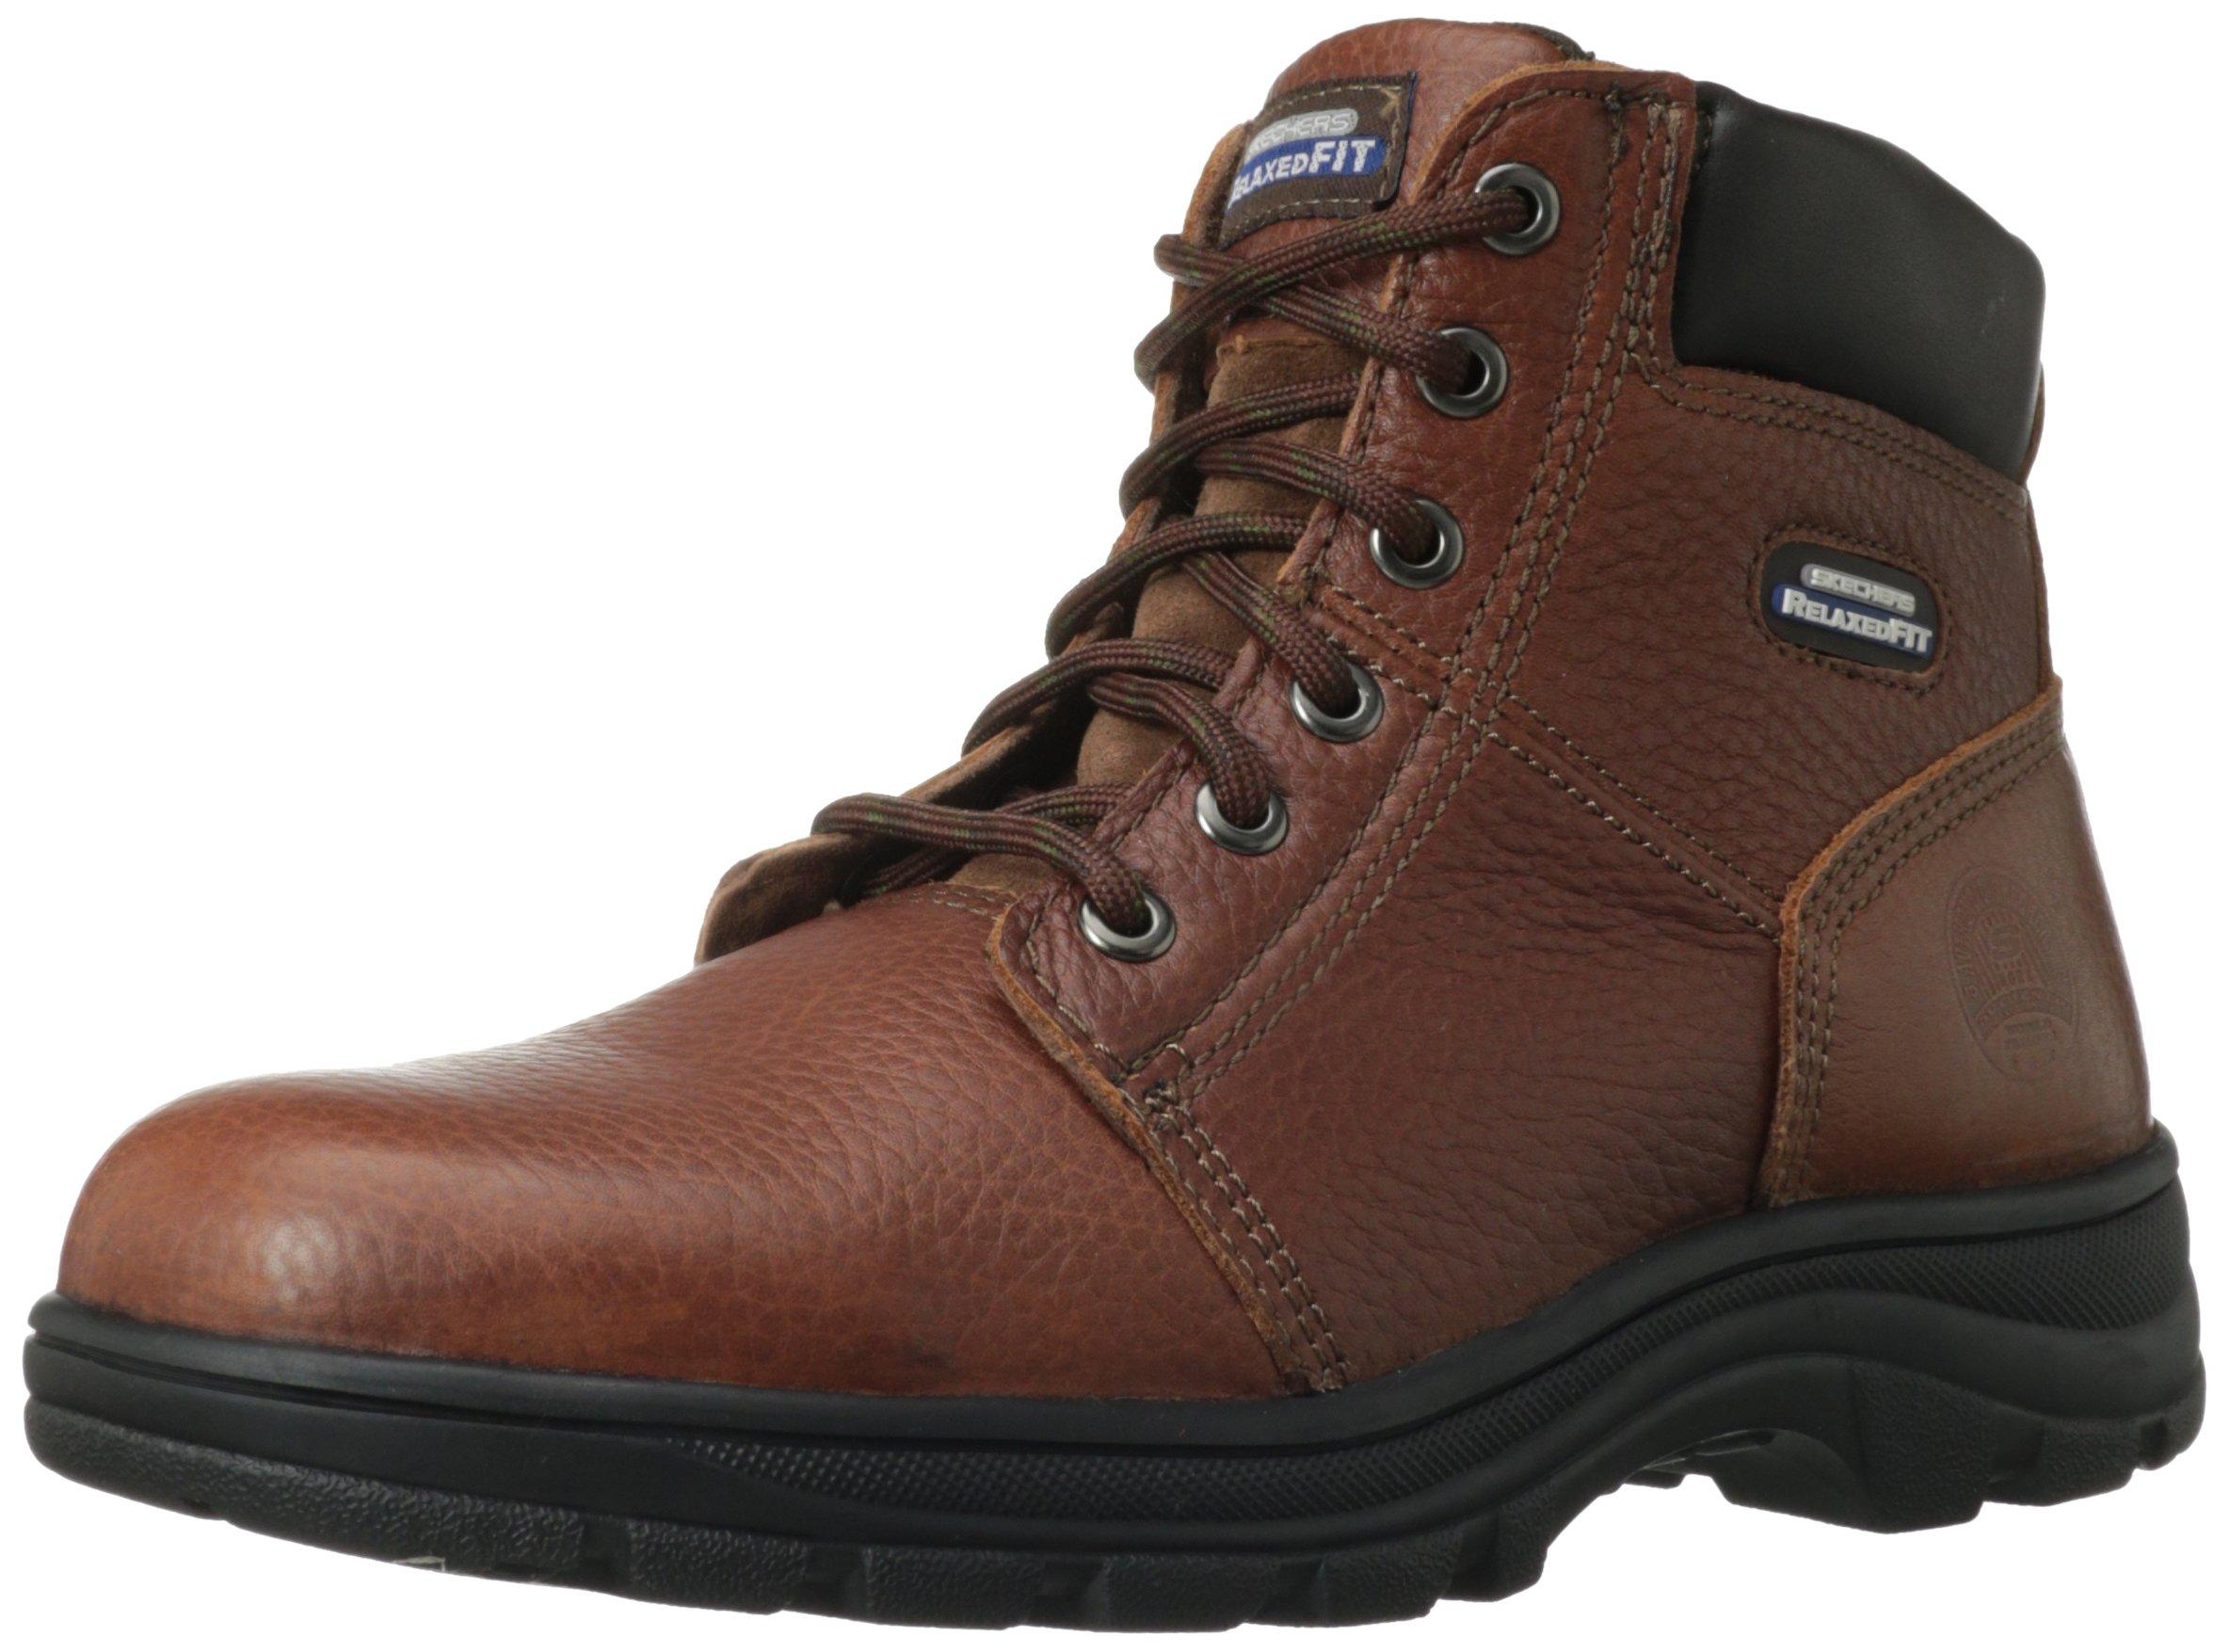 Skechers for Work Men's Workshire Condor Work Boot,Brown,9 M US